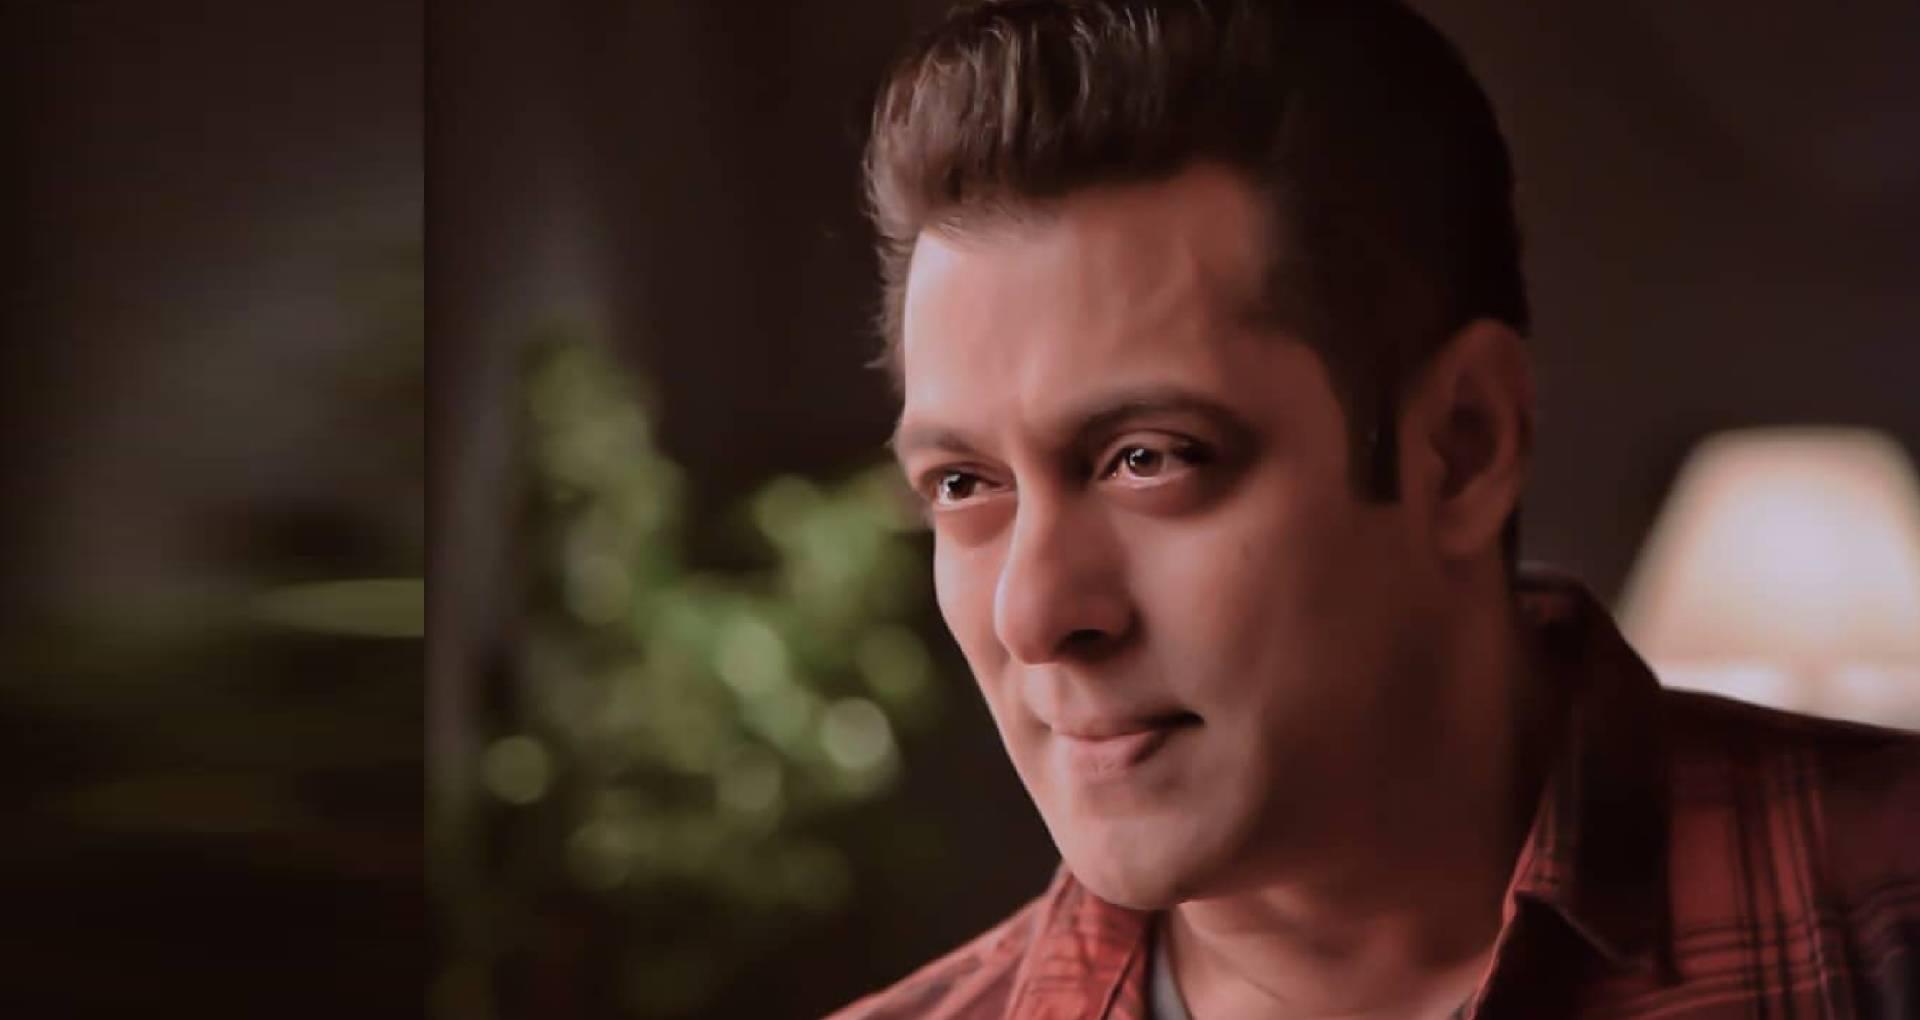 सलमान खान ने मुंबई हीरोज की जीत पर मनाया जश्न, कुछ इस अंदाज में जमकर किया डांस, देखिए वीडियो